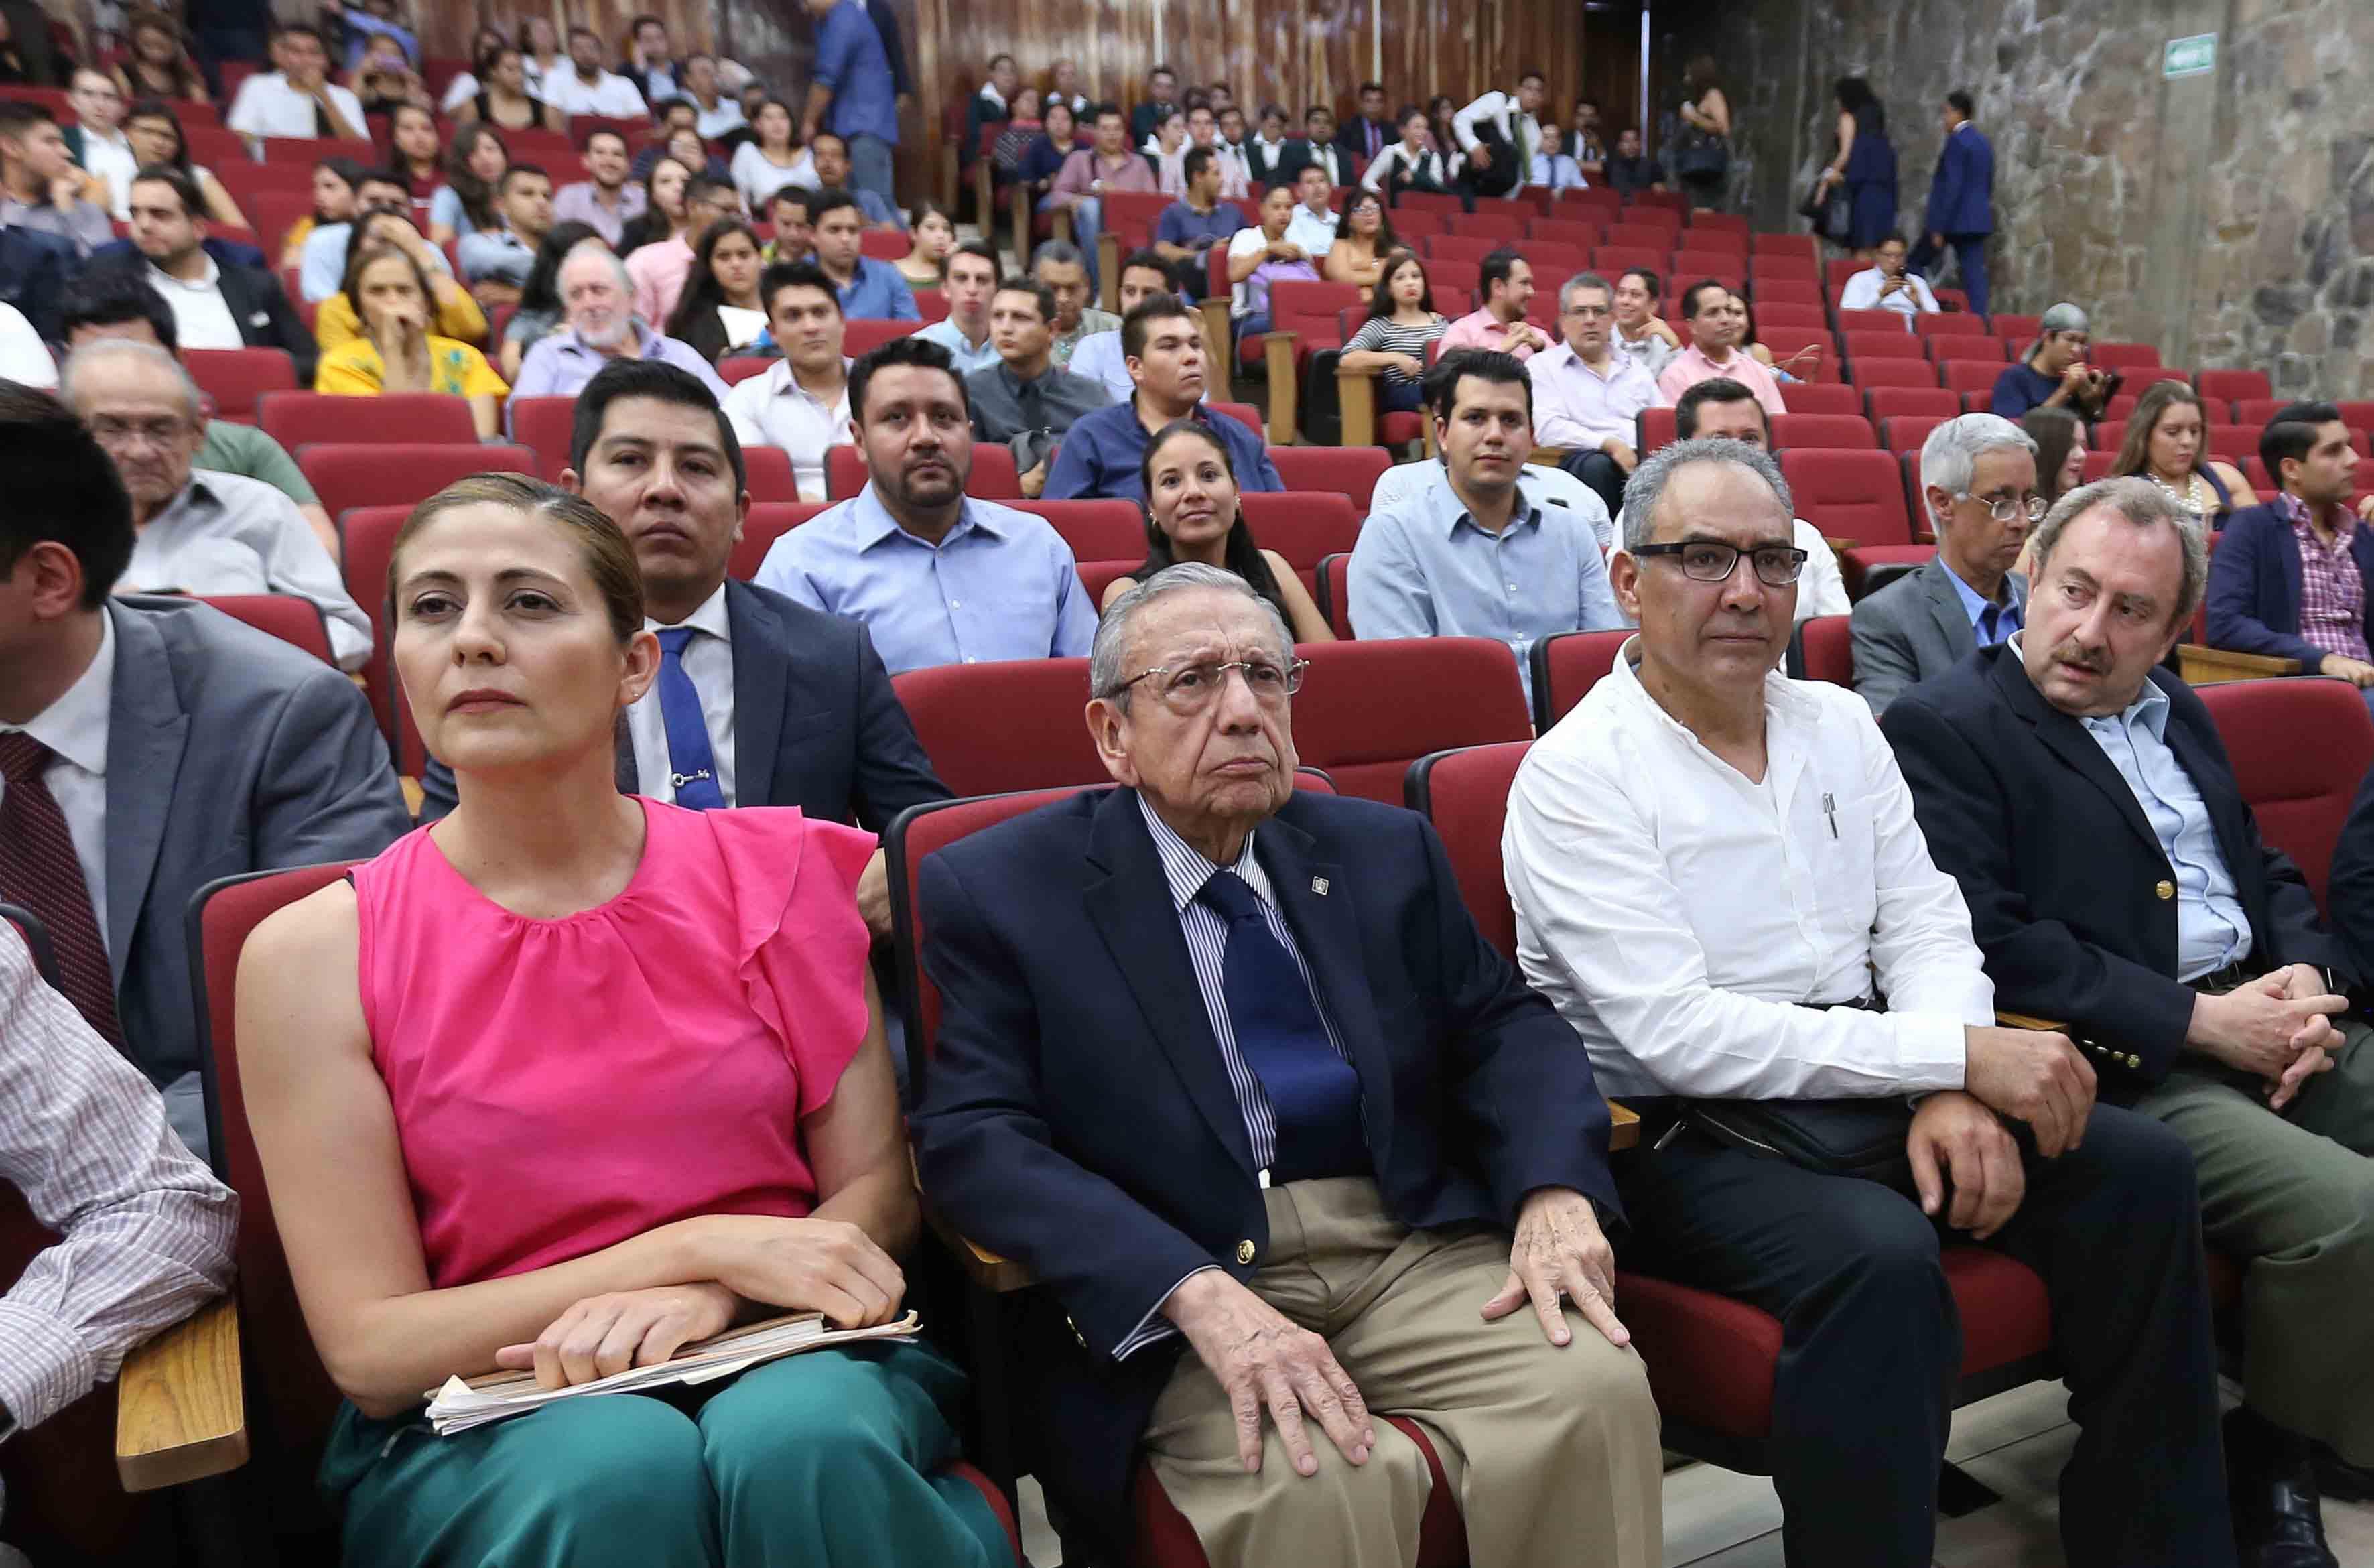 Alumnos y personalidades de la Red Universitaria, asistentes a la conferencia.